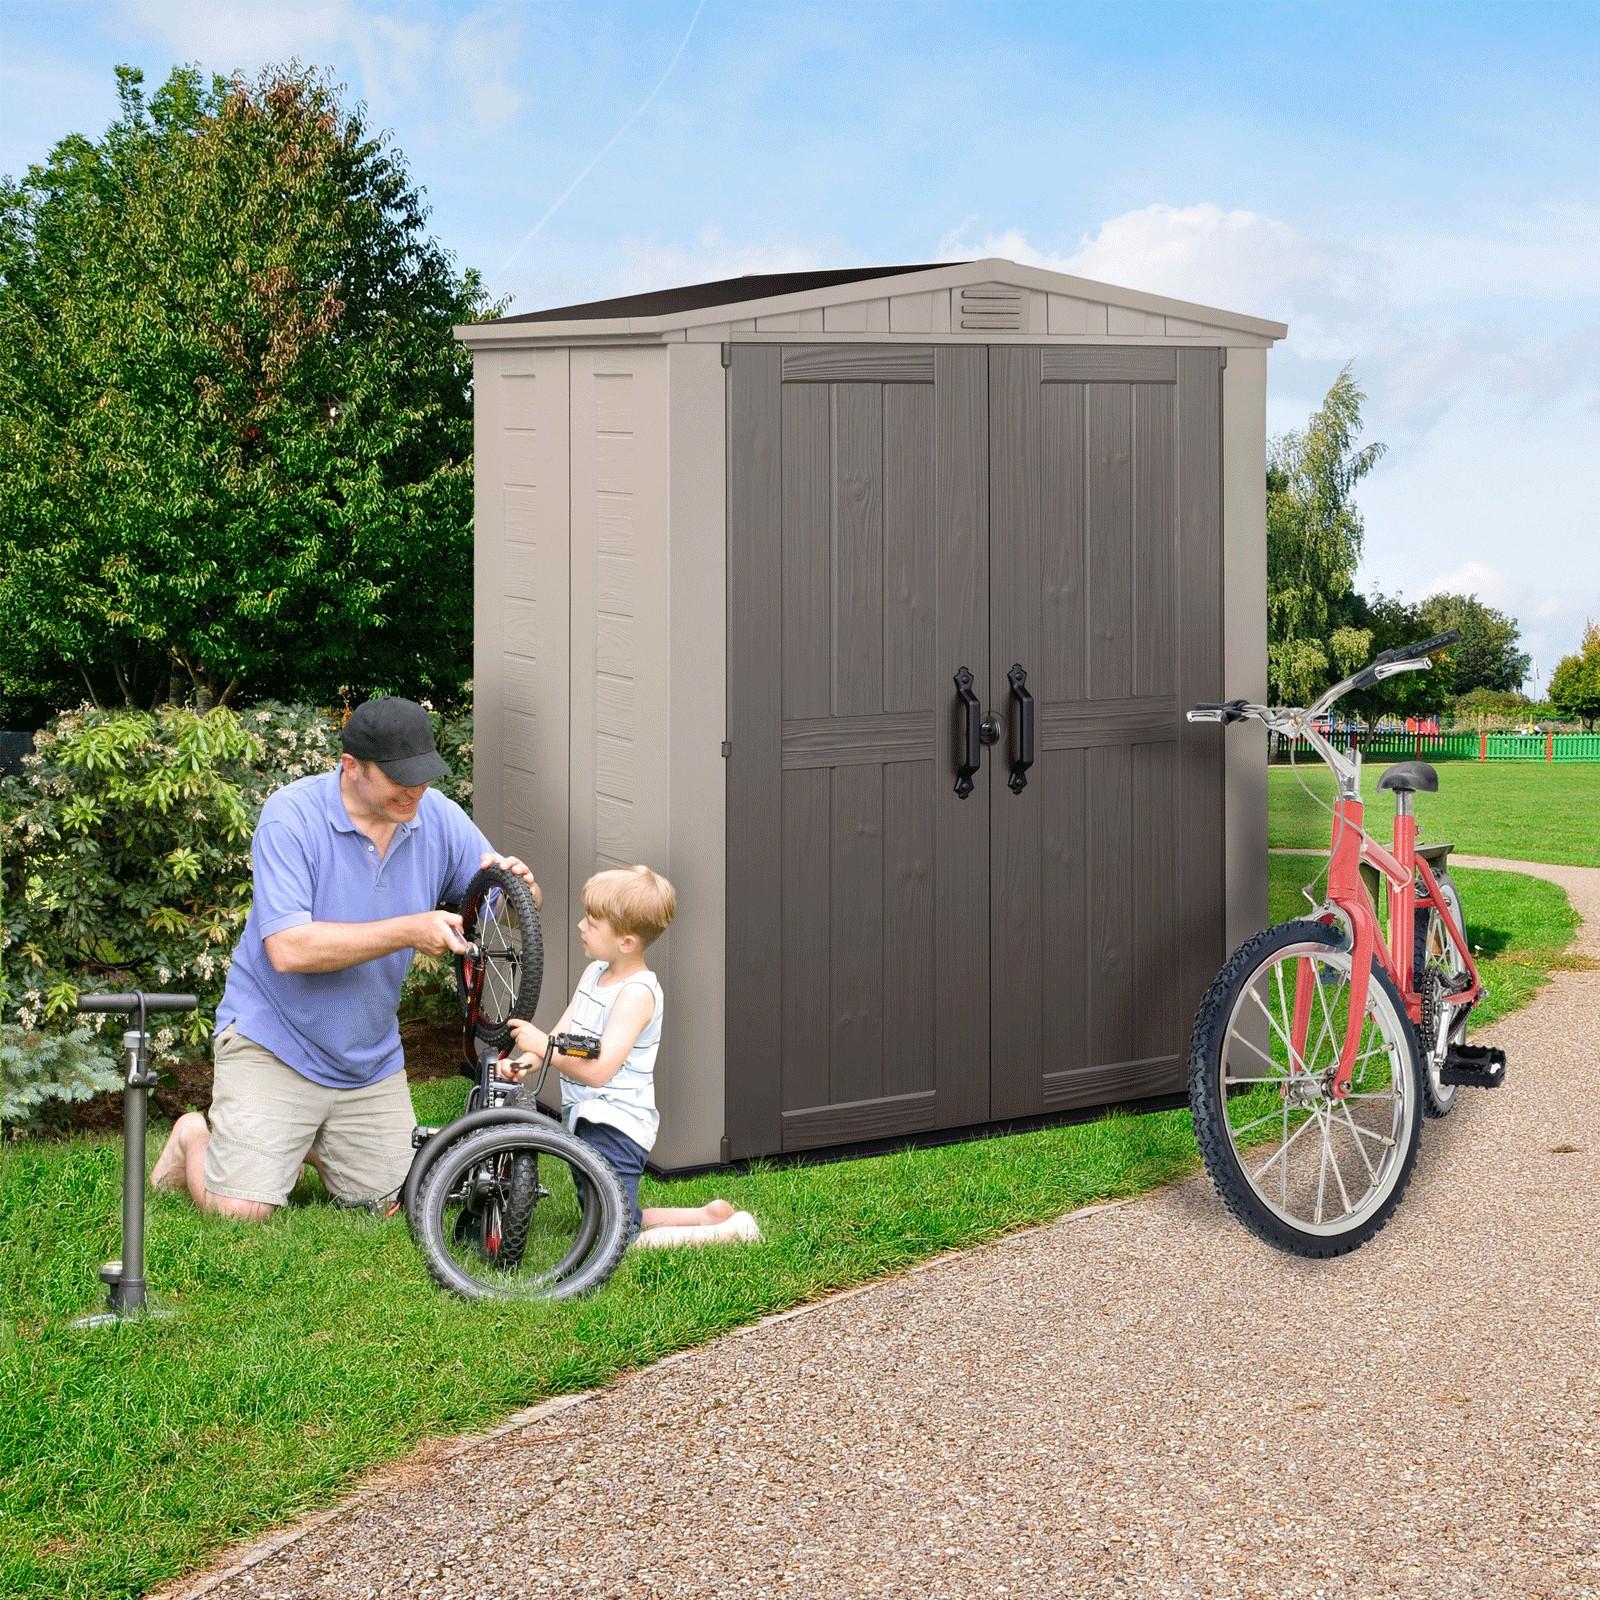 keter gartenhaus factor 6x3 kunststoff ger tehaus. Black Bedroom Furniture Sets. Home Design Ideas